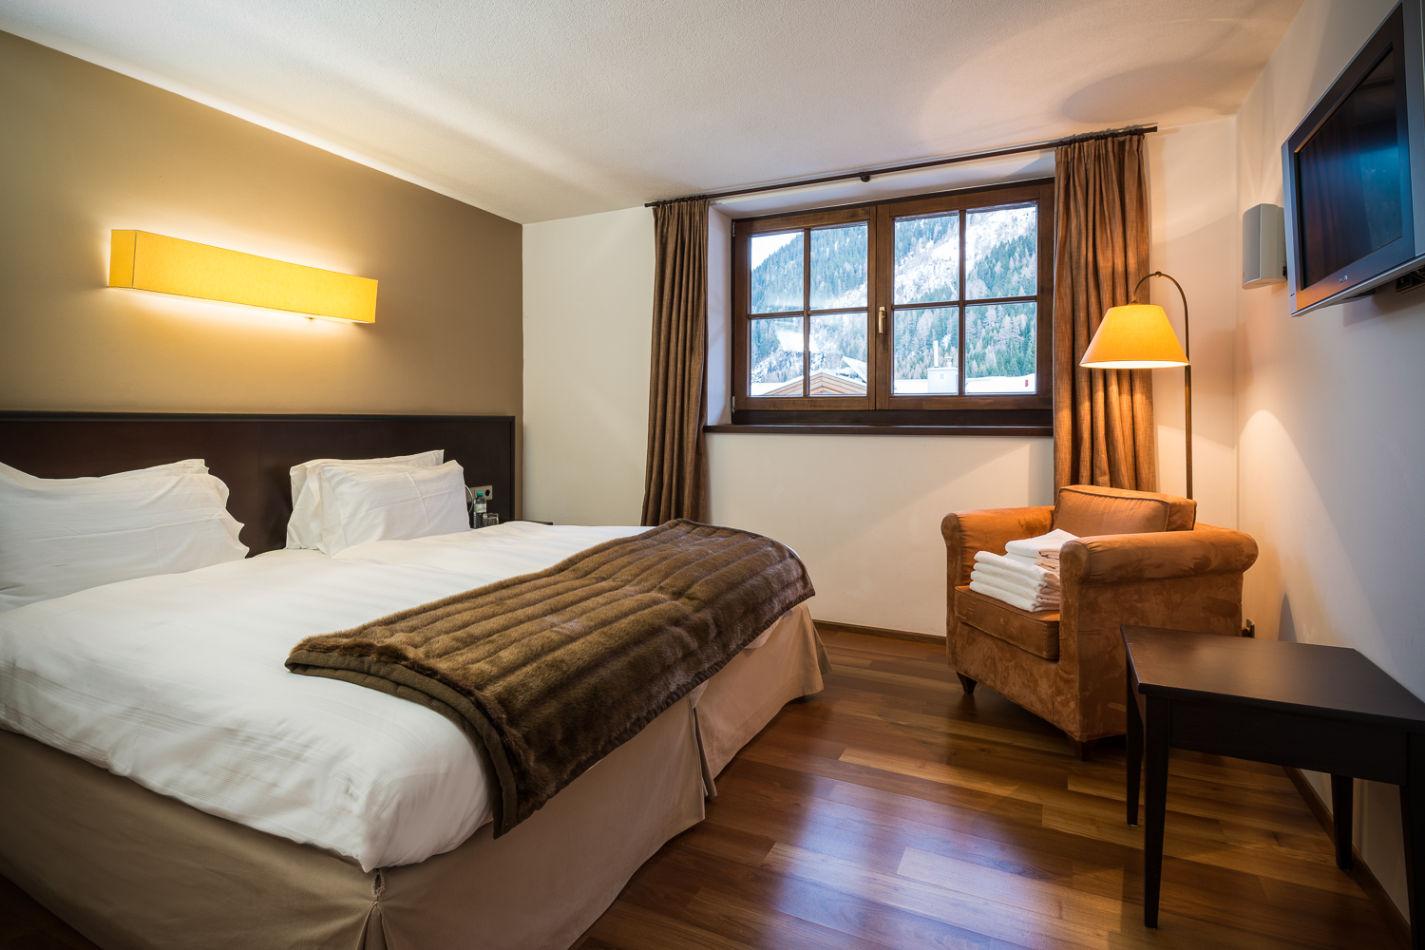 bedroom_double_2-4